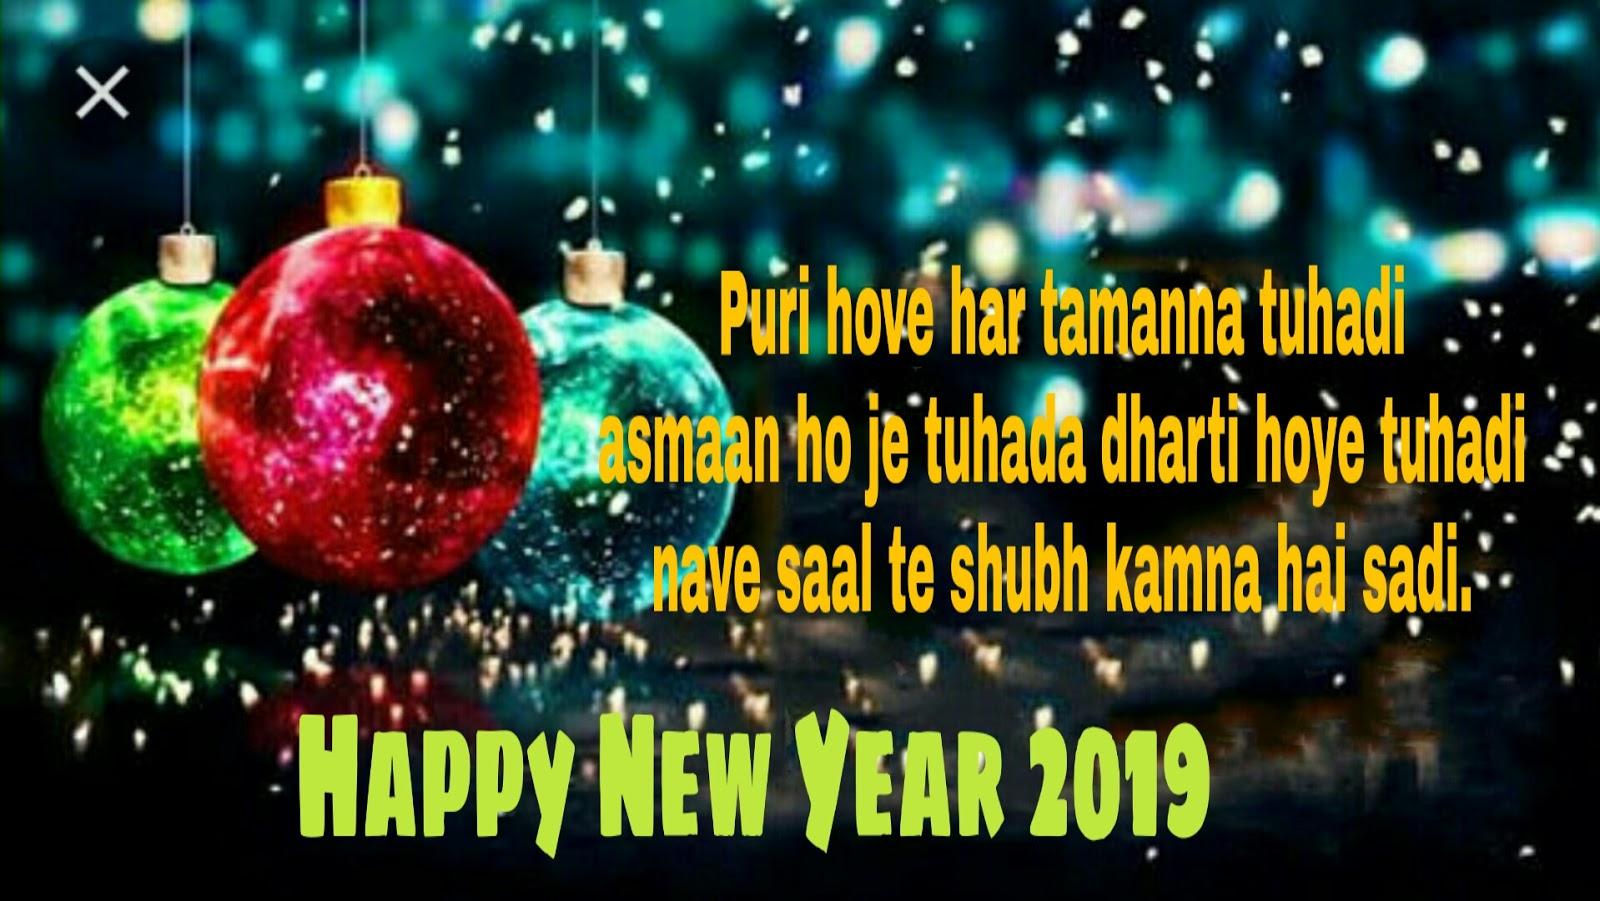 Happy new year wishes in punjabi 2019 whatsapp status happy new year wishes in punjabi m4hsunfo